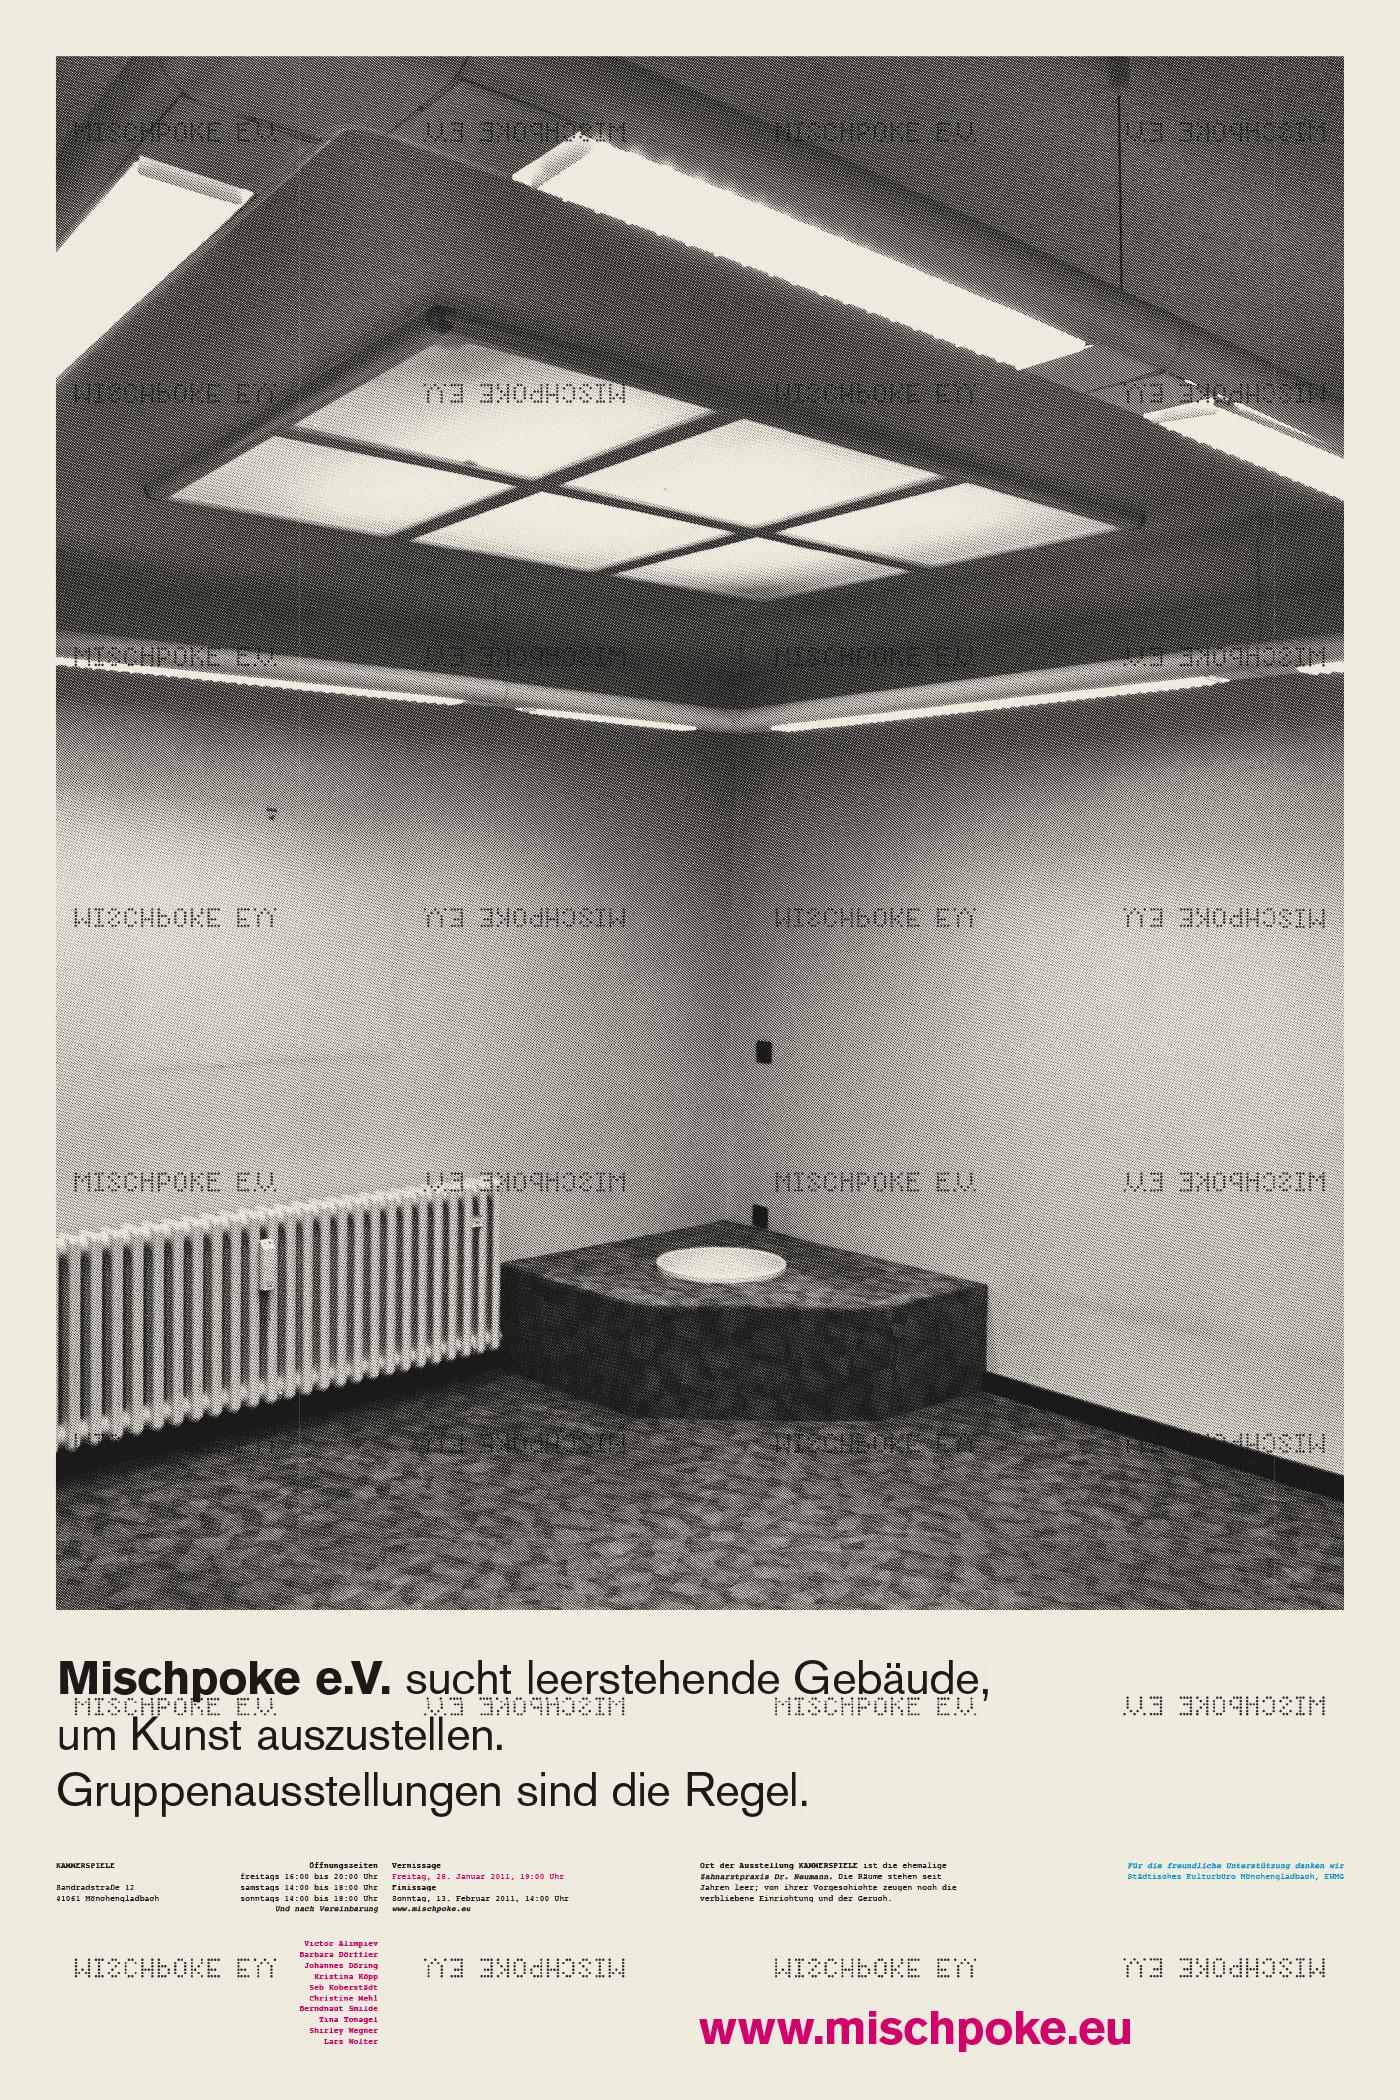 Corporate Design > Plakat für Mischpoke e.V., Kammerspiele